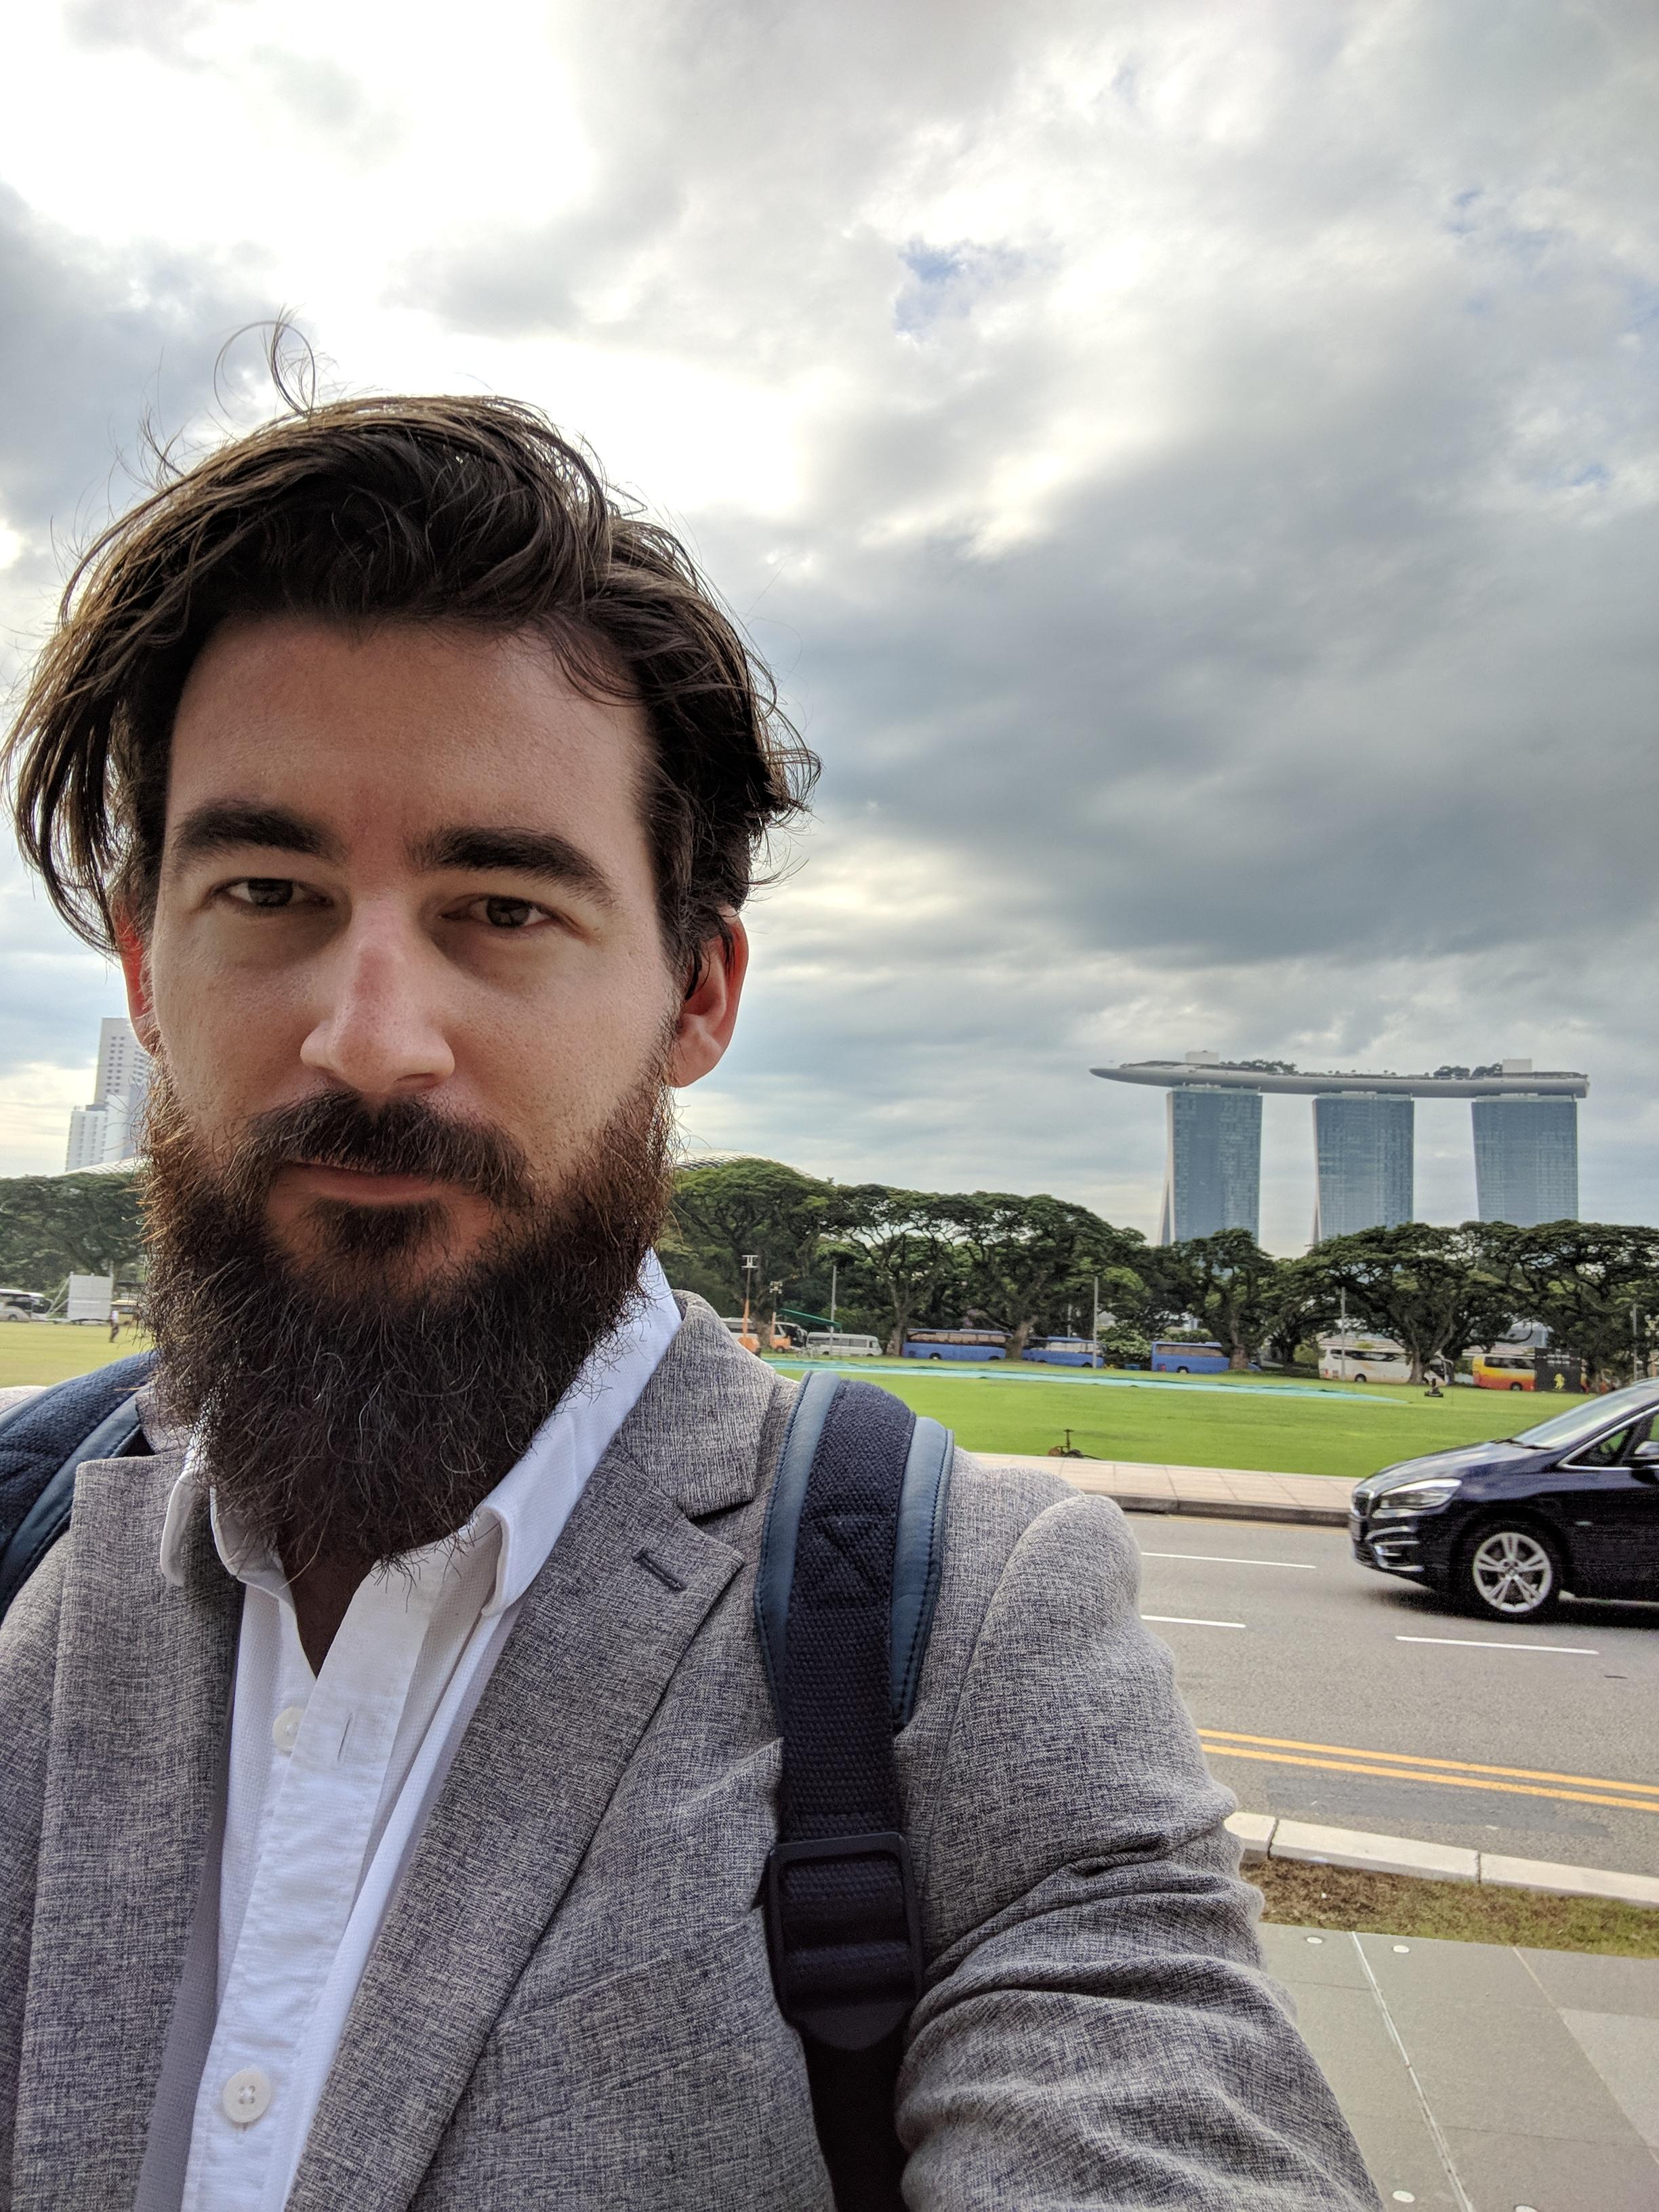 The quintessential Singapore selfie